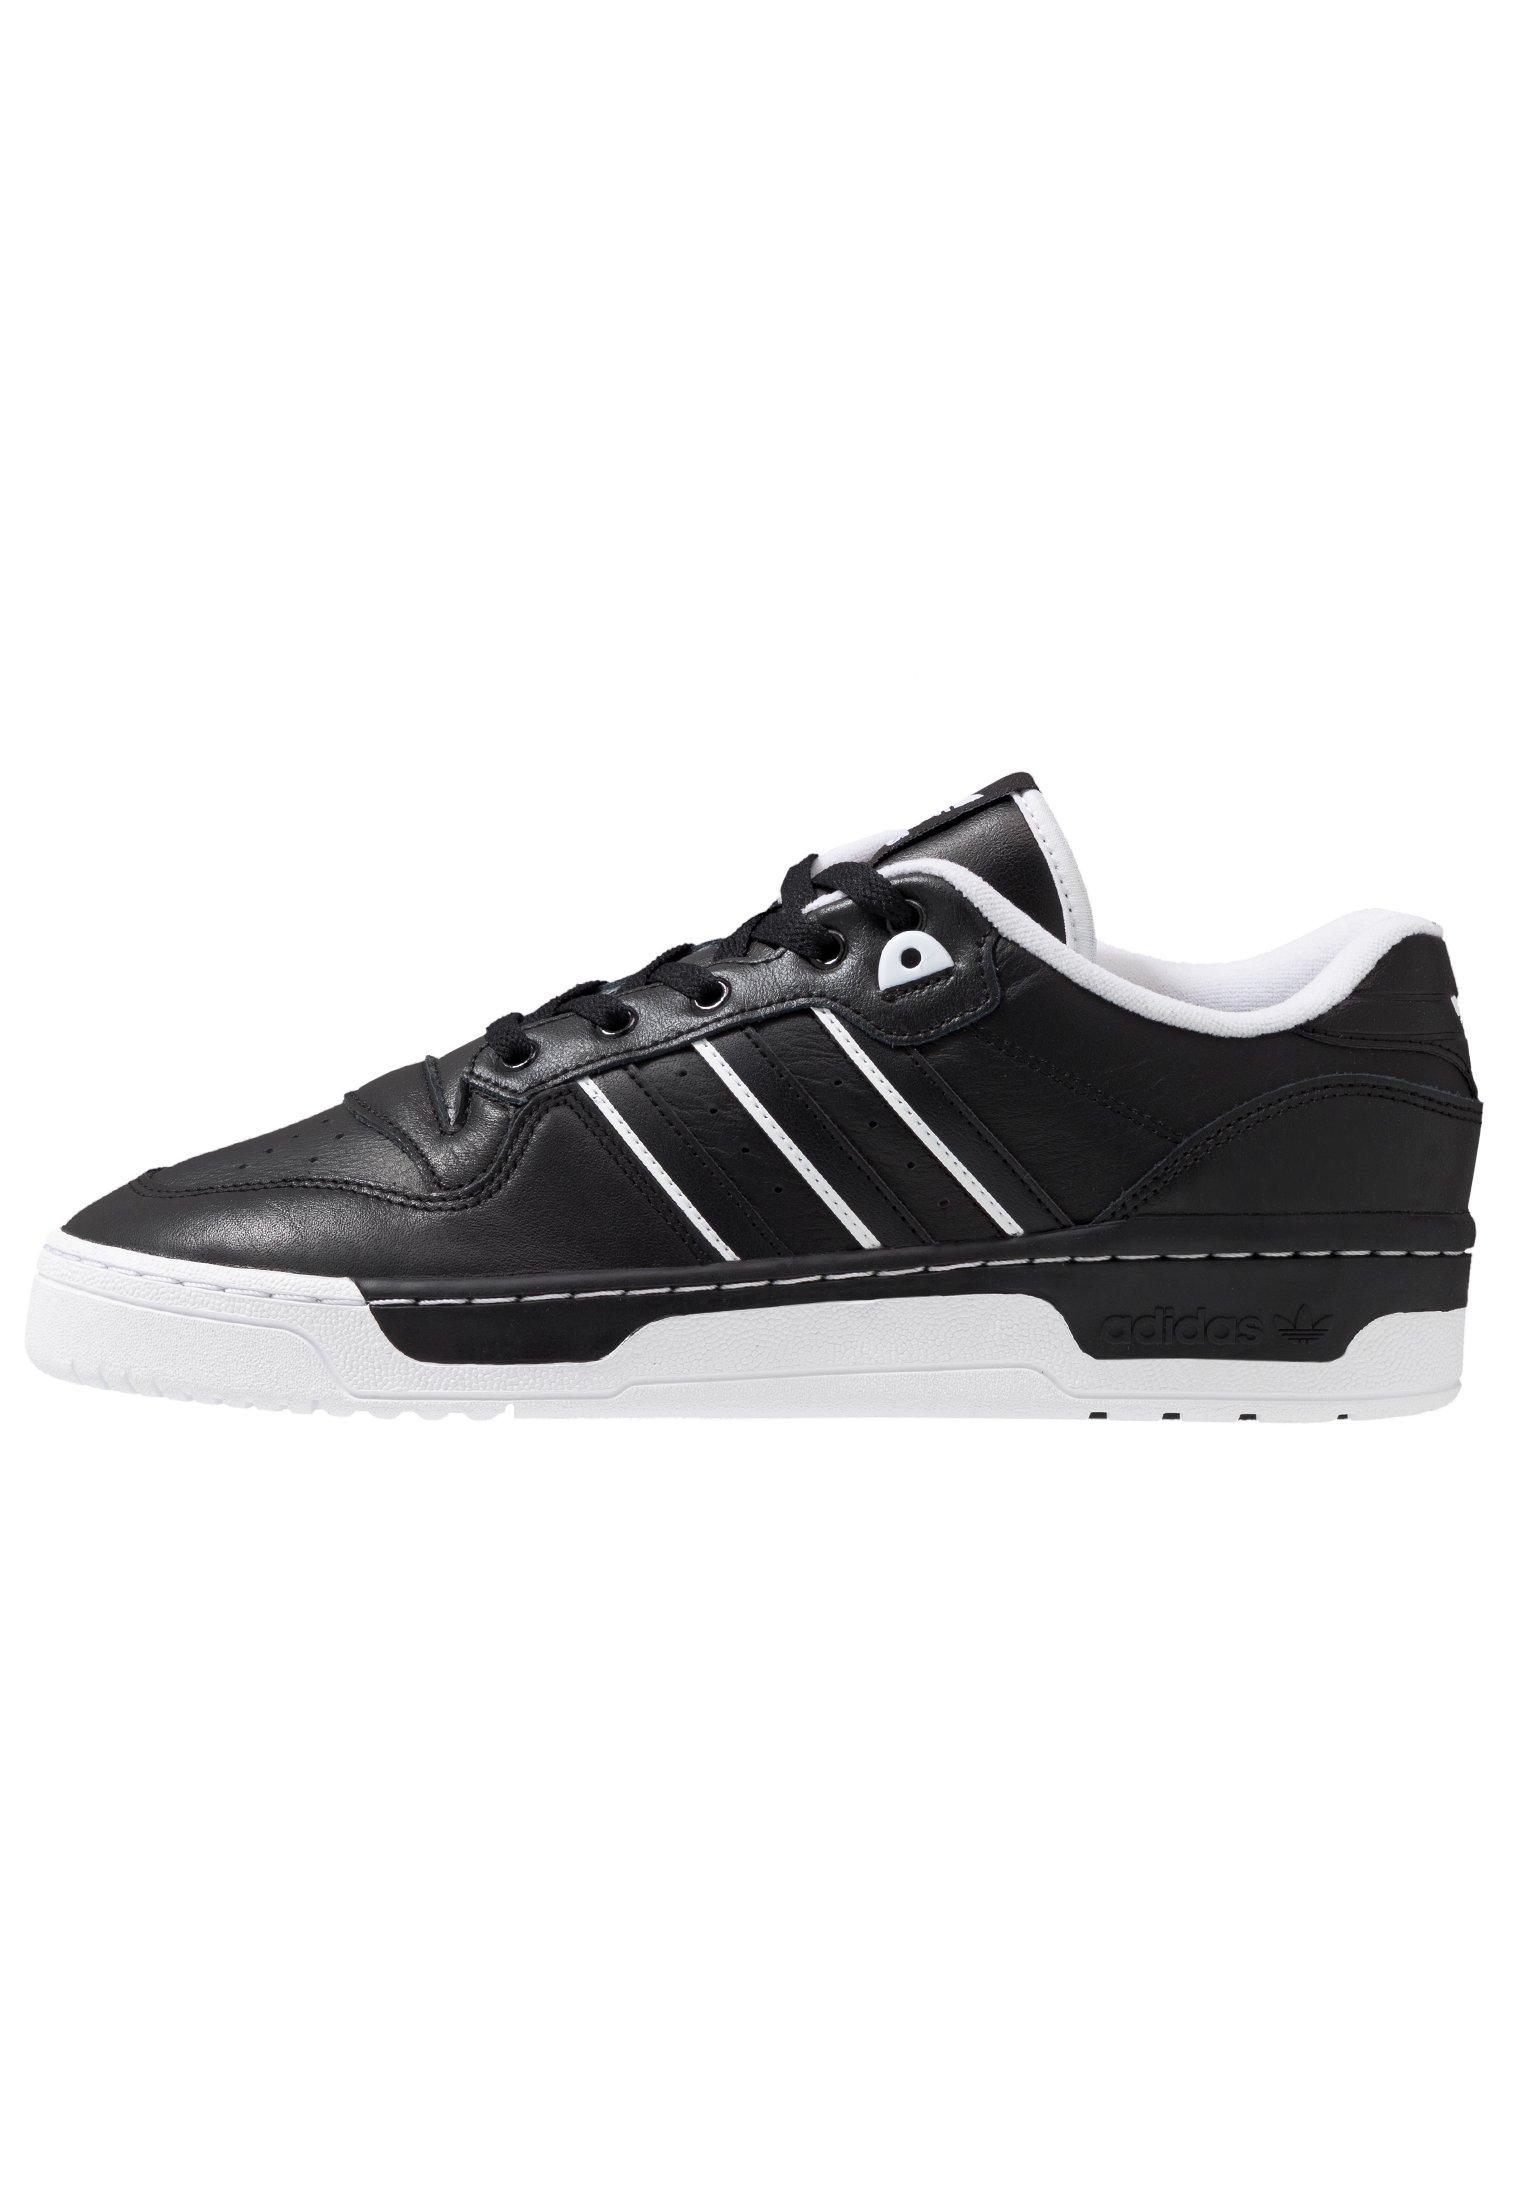 RIVALRY Sneakers core blackfootwear white